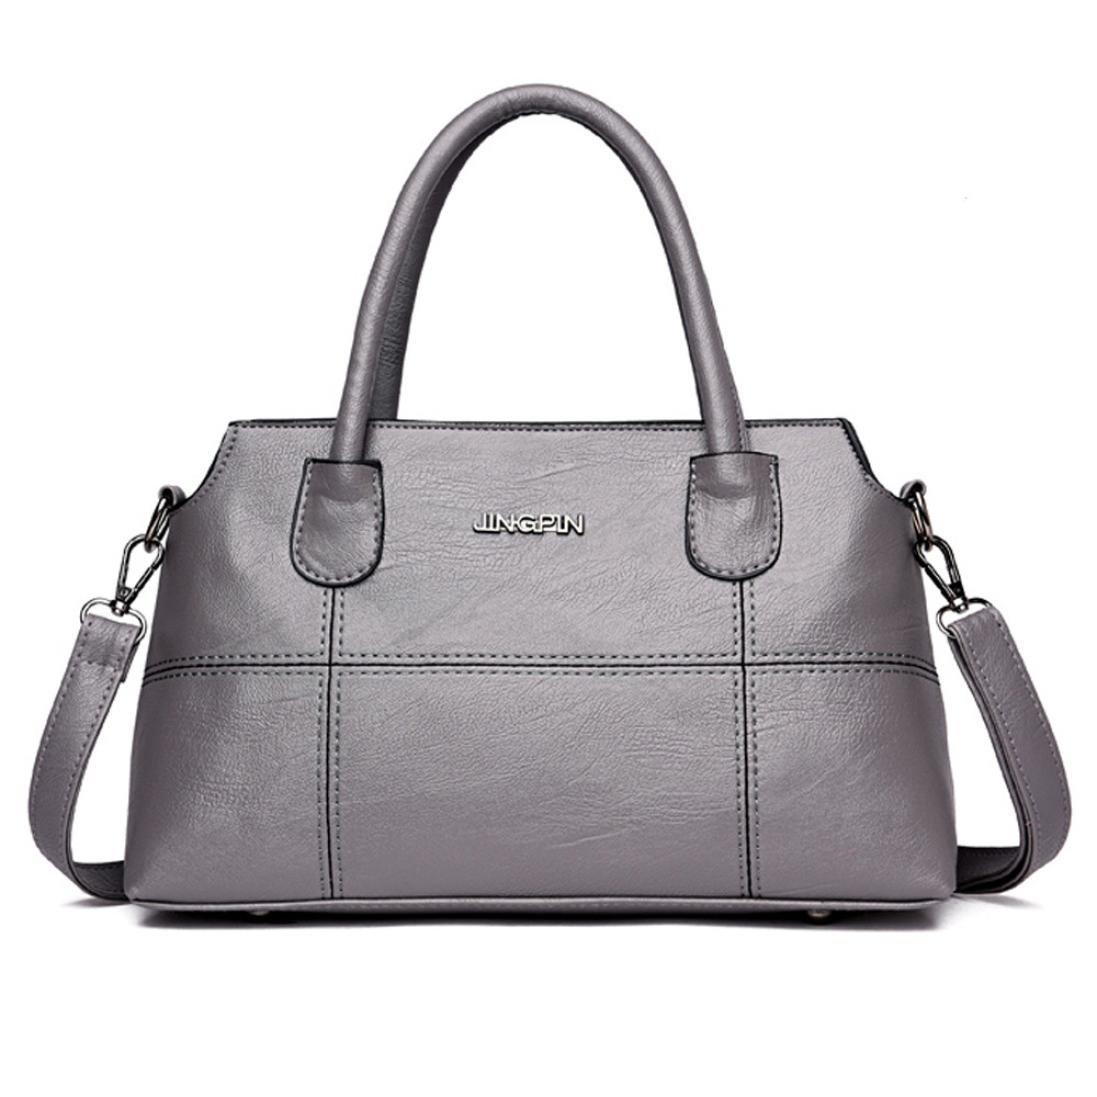 Logobeing Bolsos Mujer Baratos Bolso de Cuero Bolso Bandolera Crossbody Tote Bag Oferta Bolso Mujer (A): Amazon.es: Zapatos y complementos